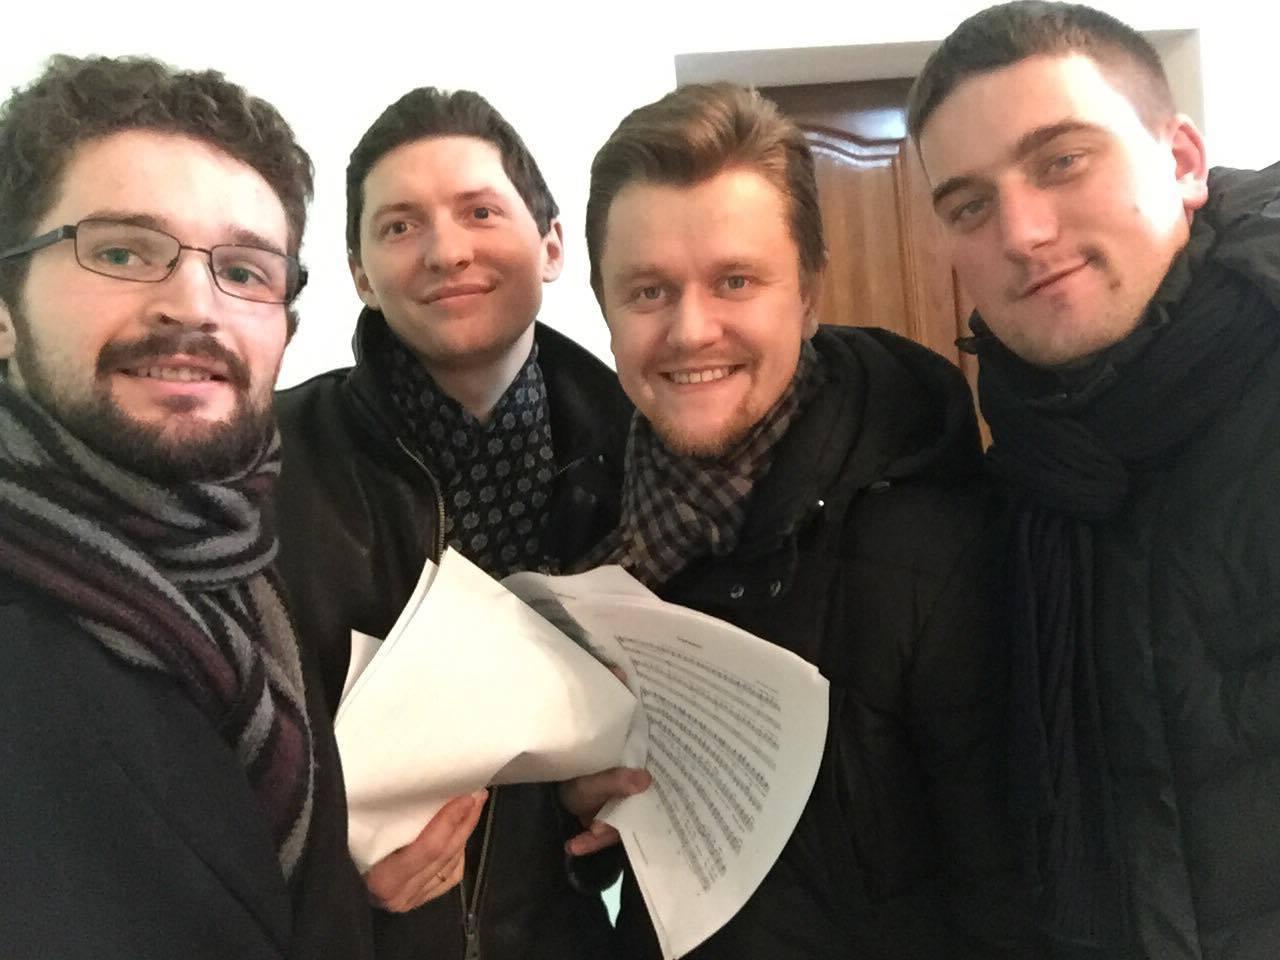 """Колядки та гарний настрій: ансамбль """"Астерій"""" виступатиме на Різдво у Вінниці для всіх охочих"""